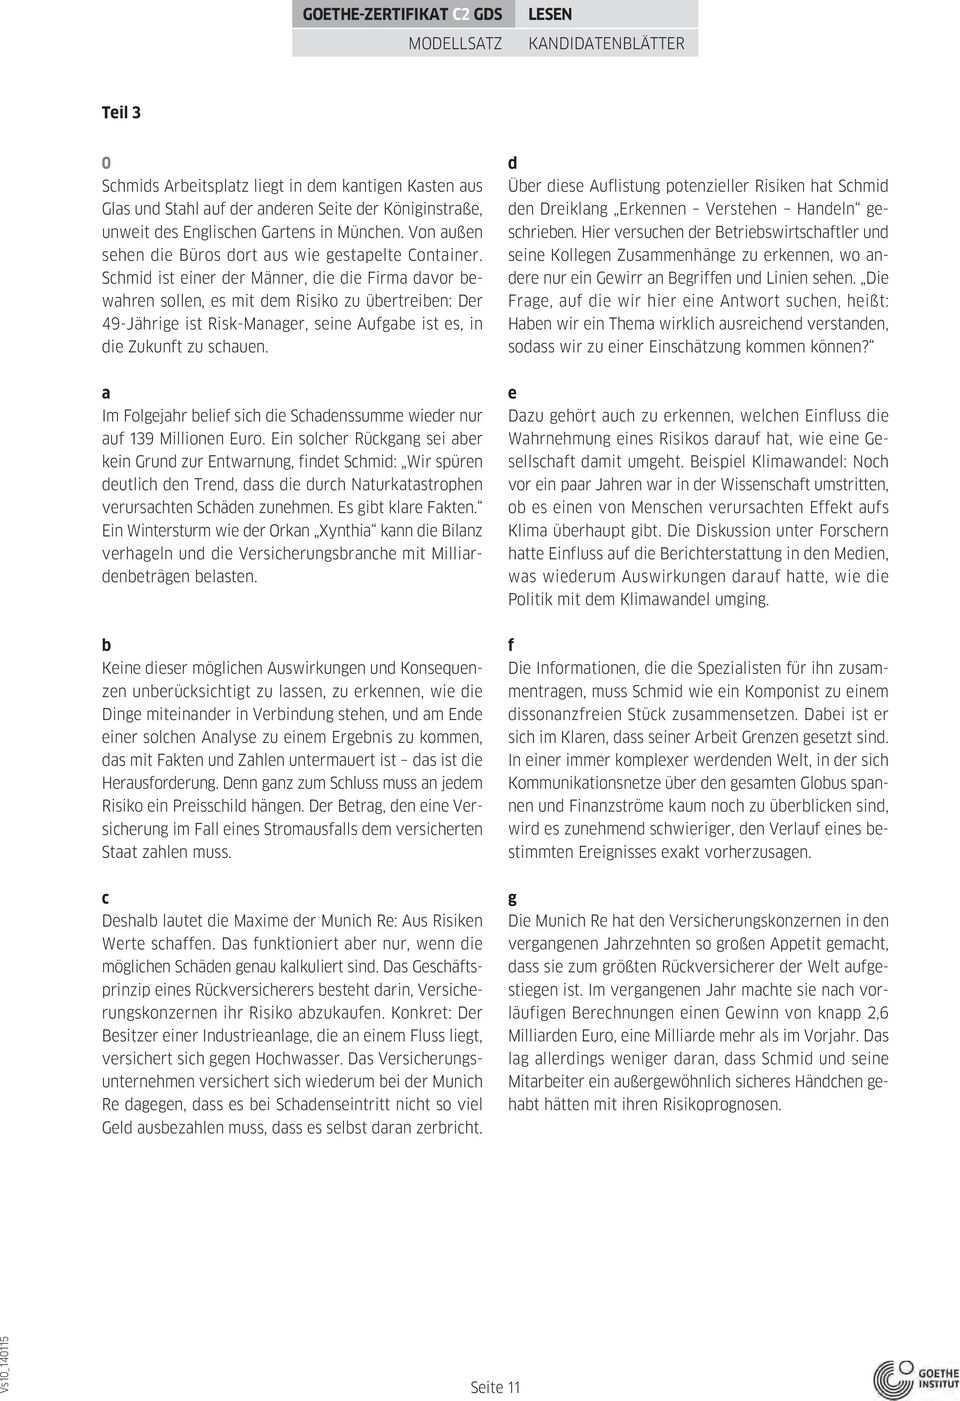 Goethe Zertifikat C2 Pdf Free Download